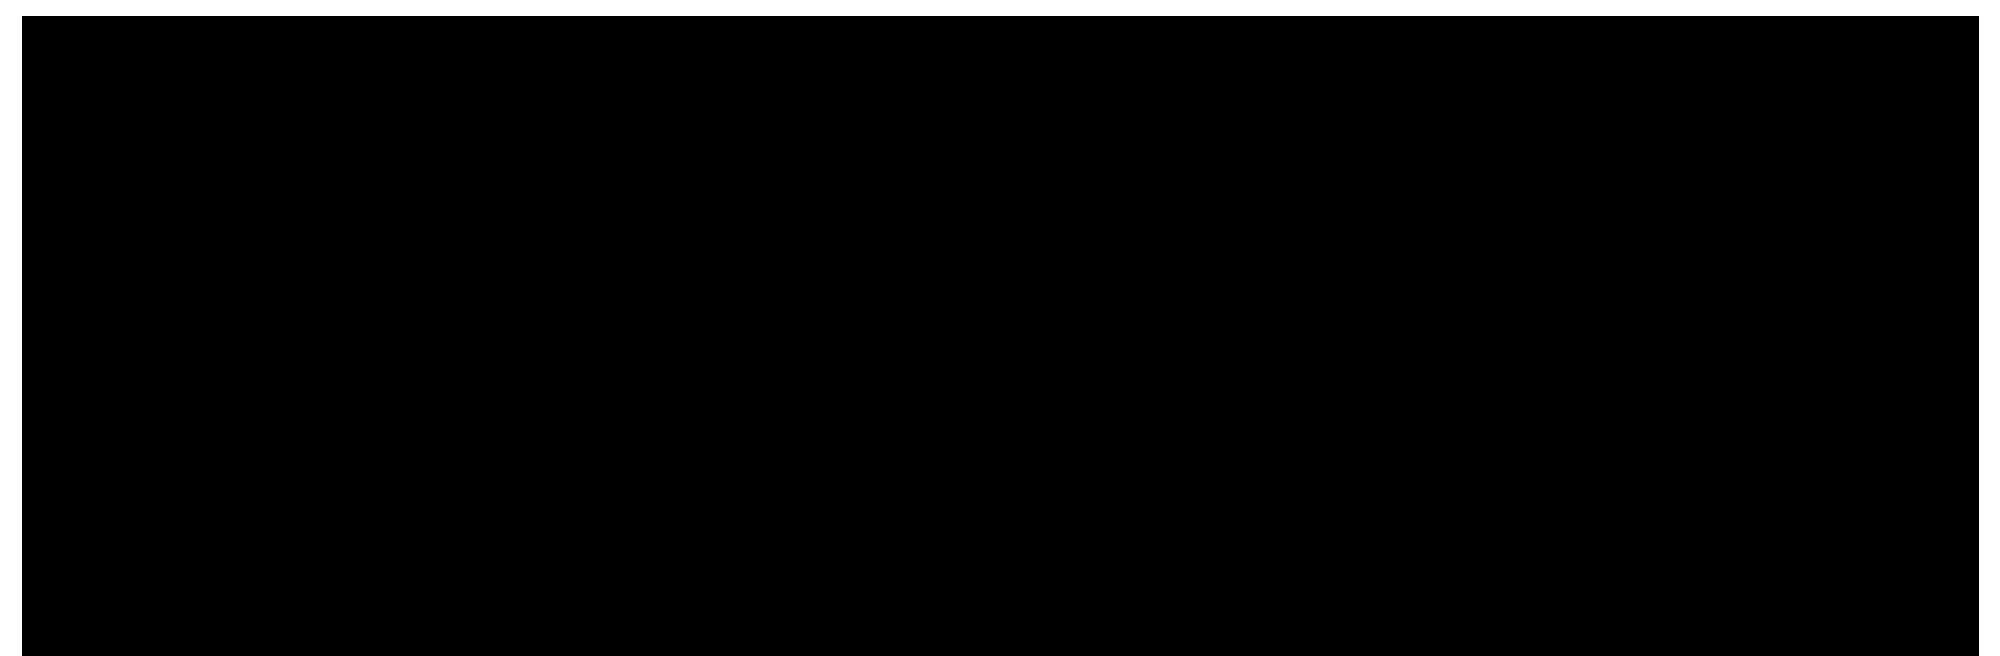 Raveraide